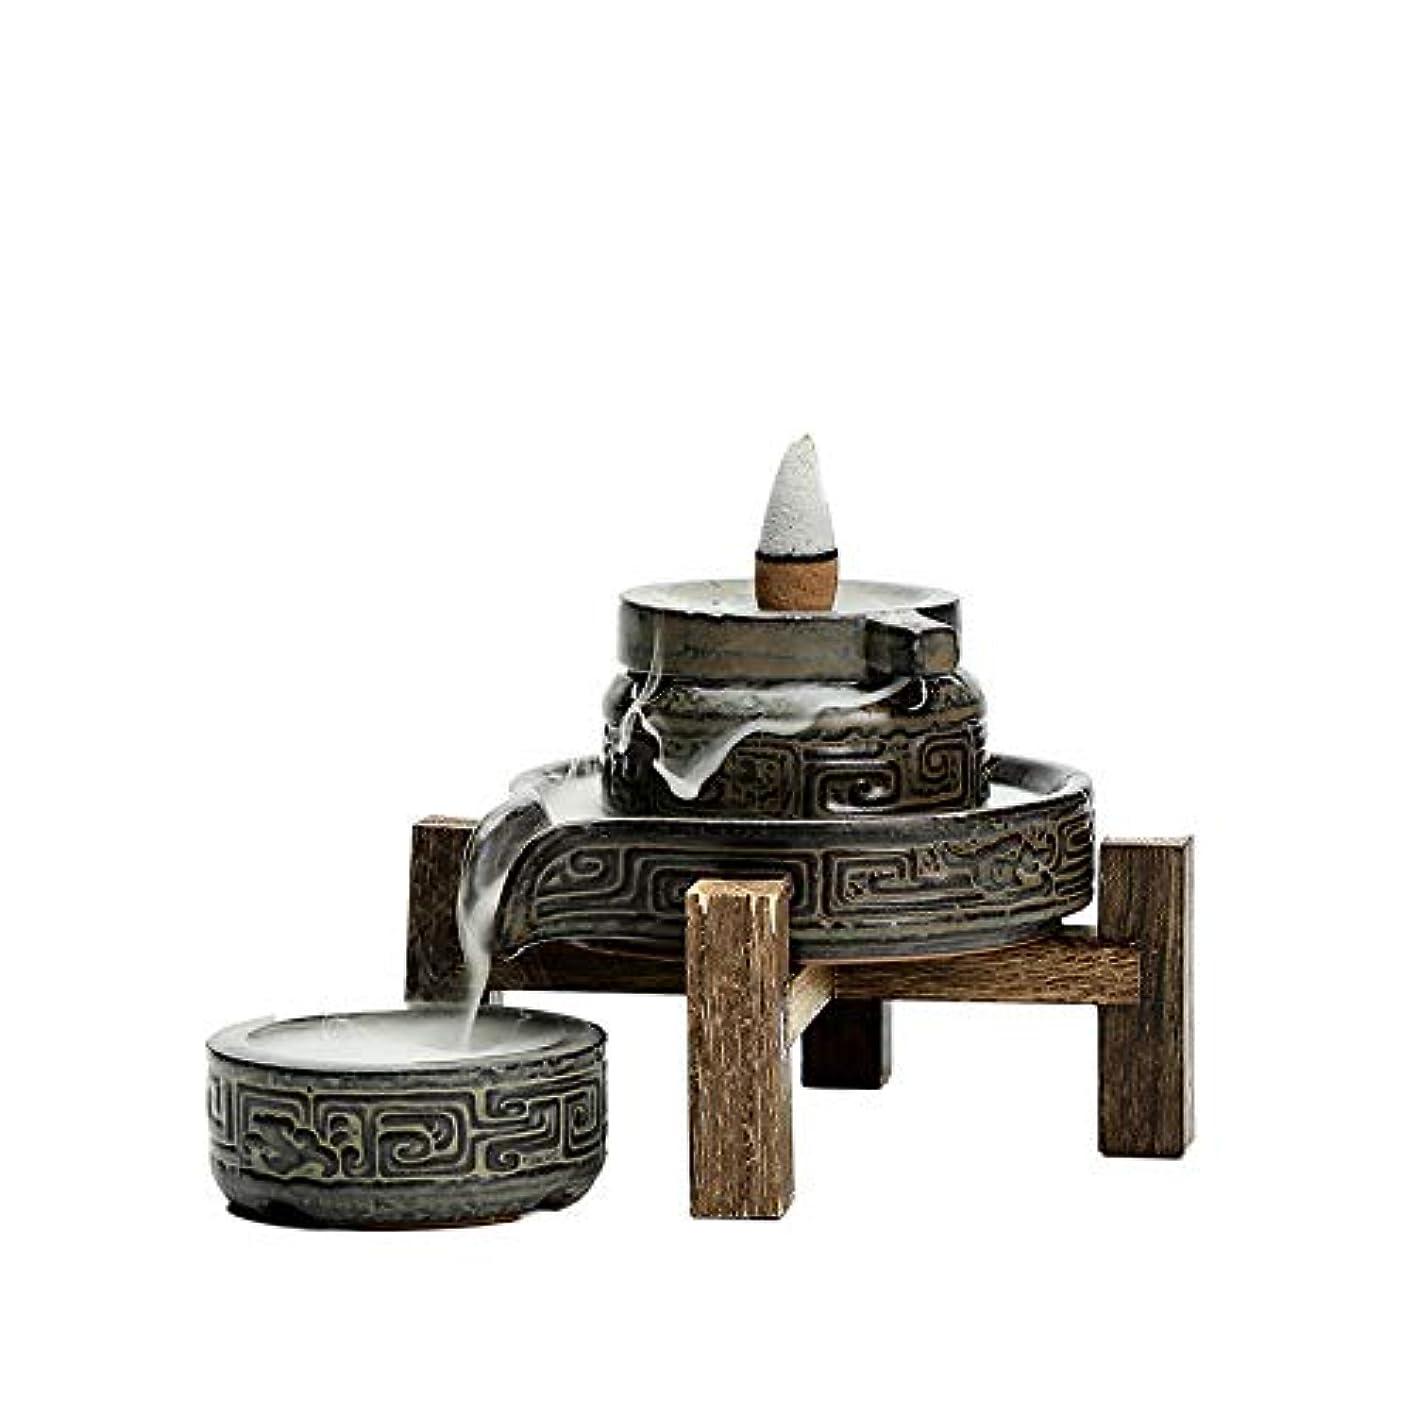 スナック不足相対的PHILOGOD 香炉 陶器ストーンミルモデリング逆流香炉 香立て 手作りの装飾 香皿